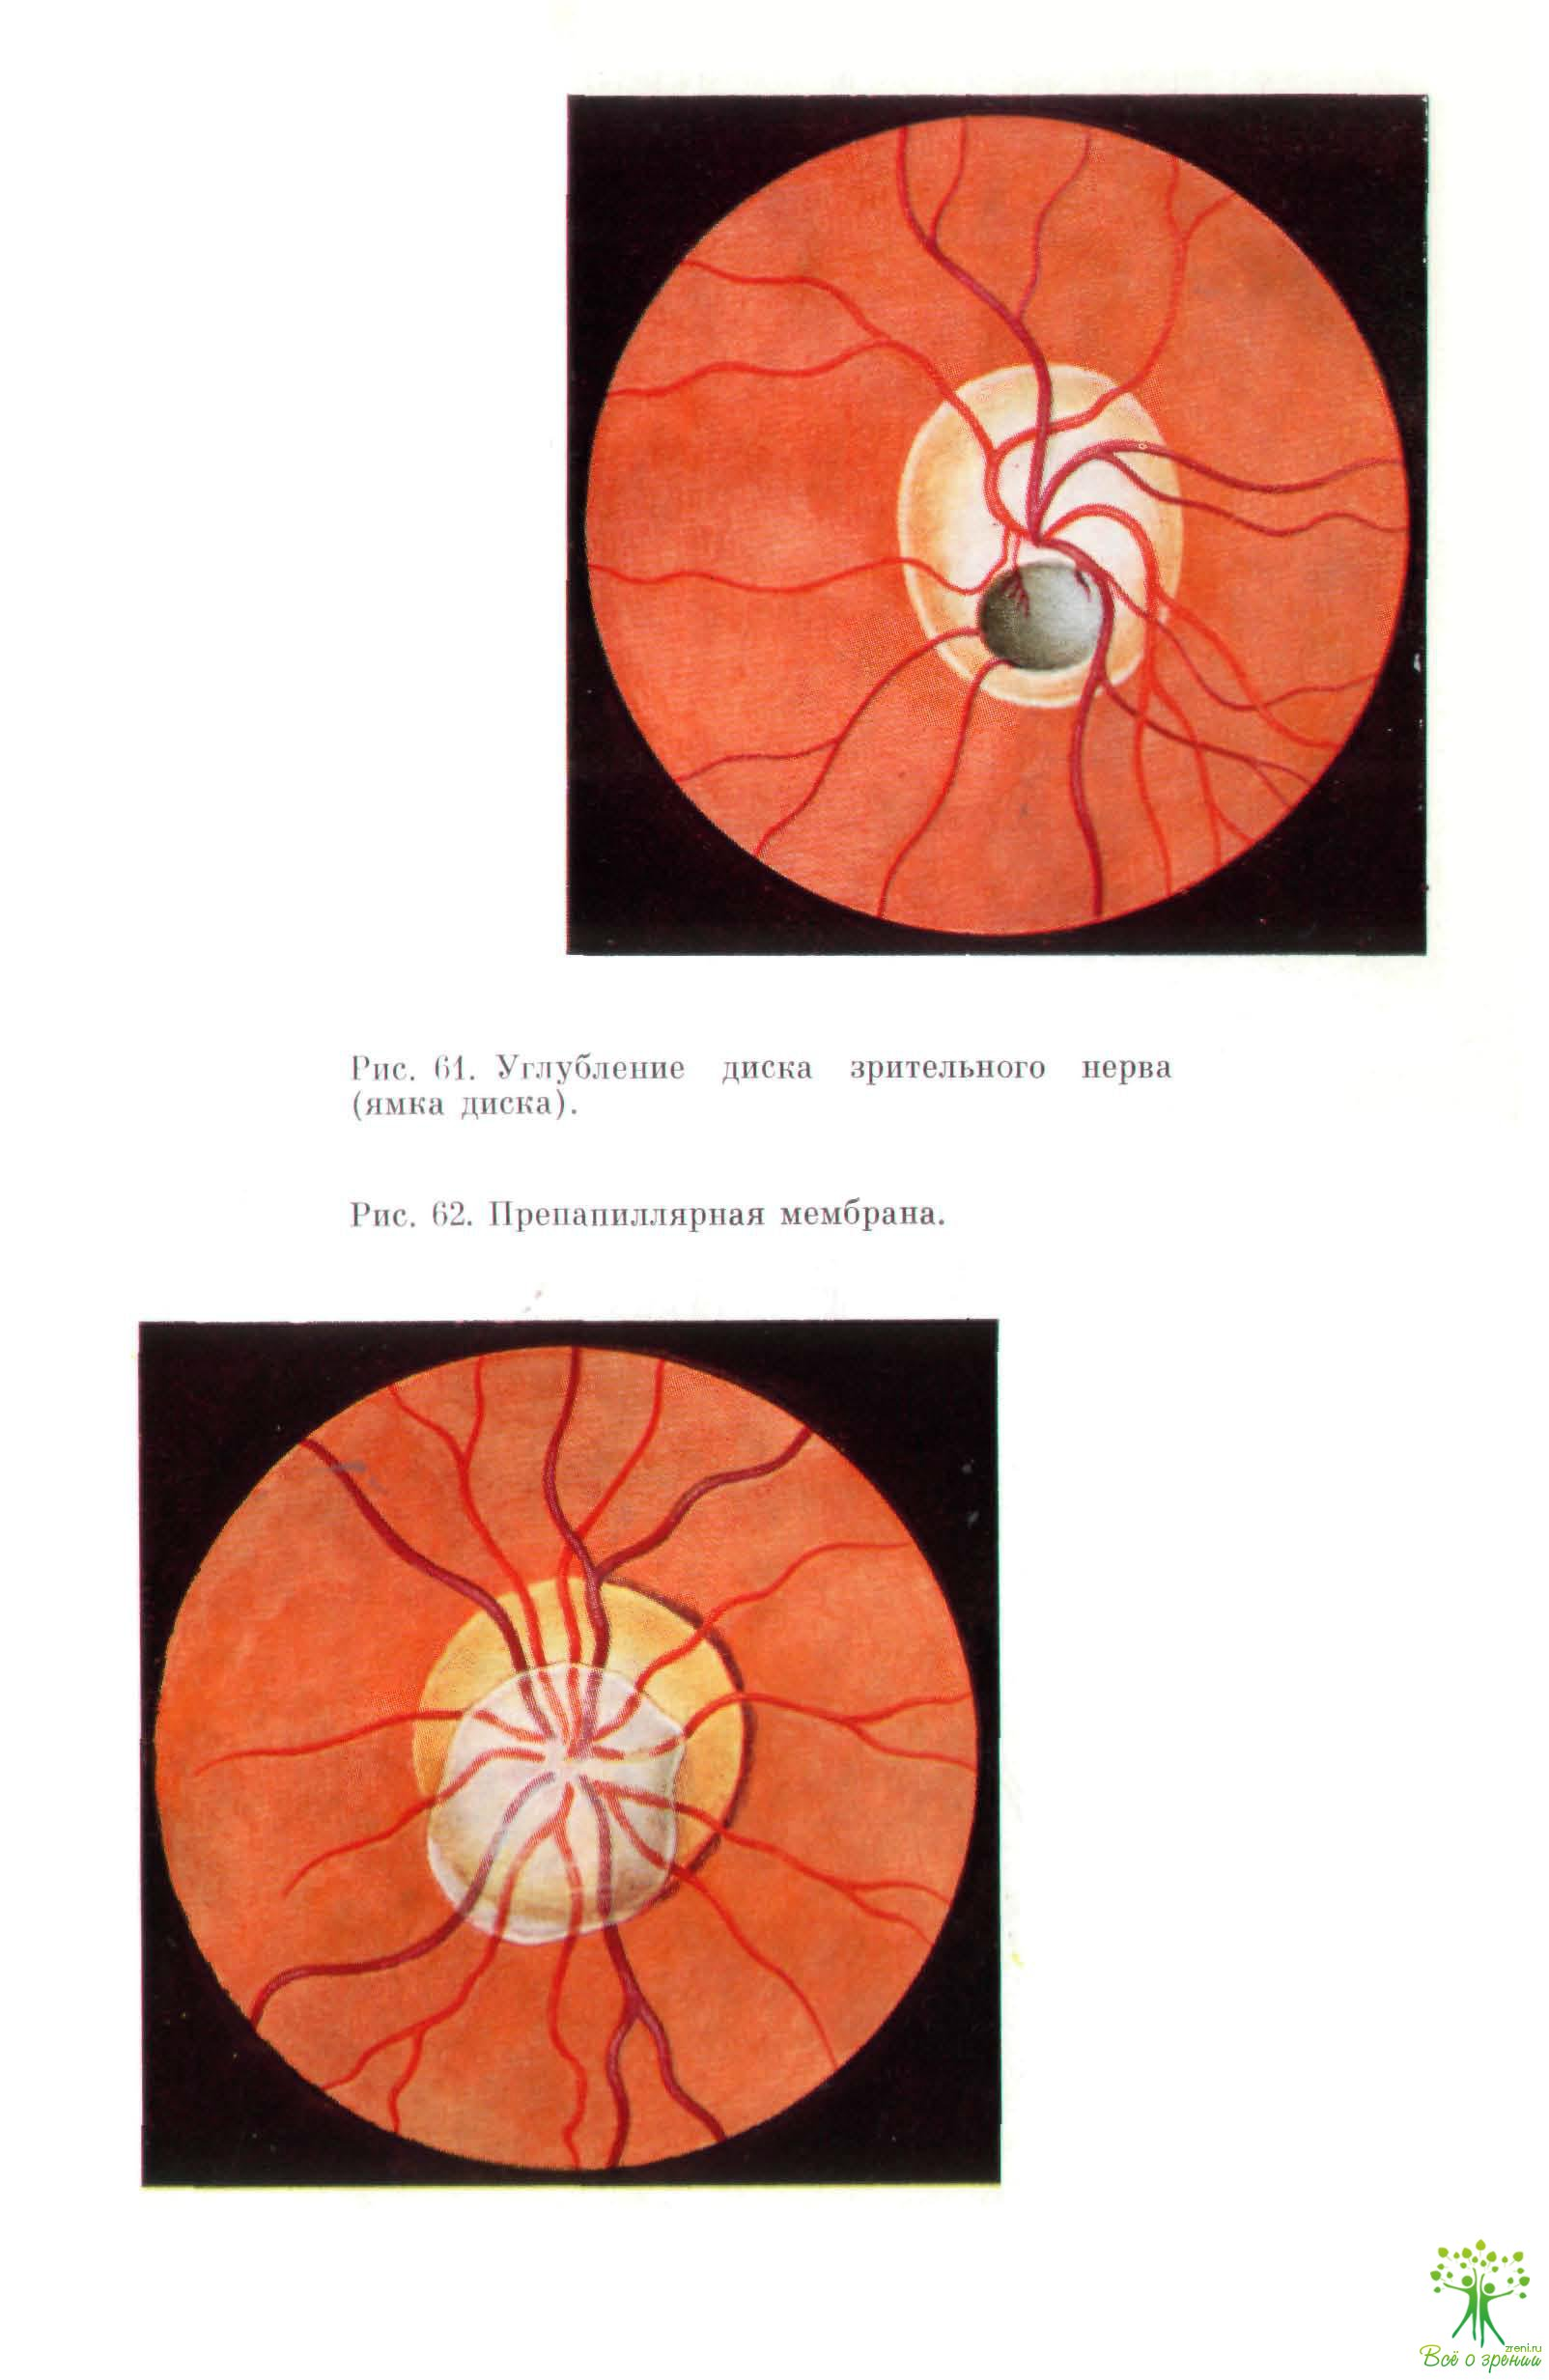 Отек диска зрительного нерва